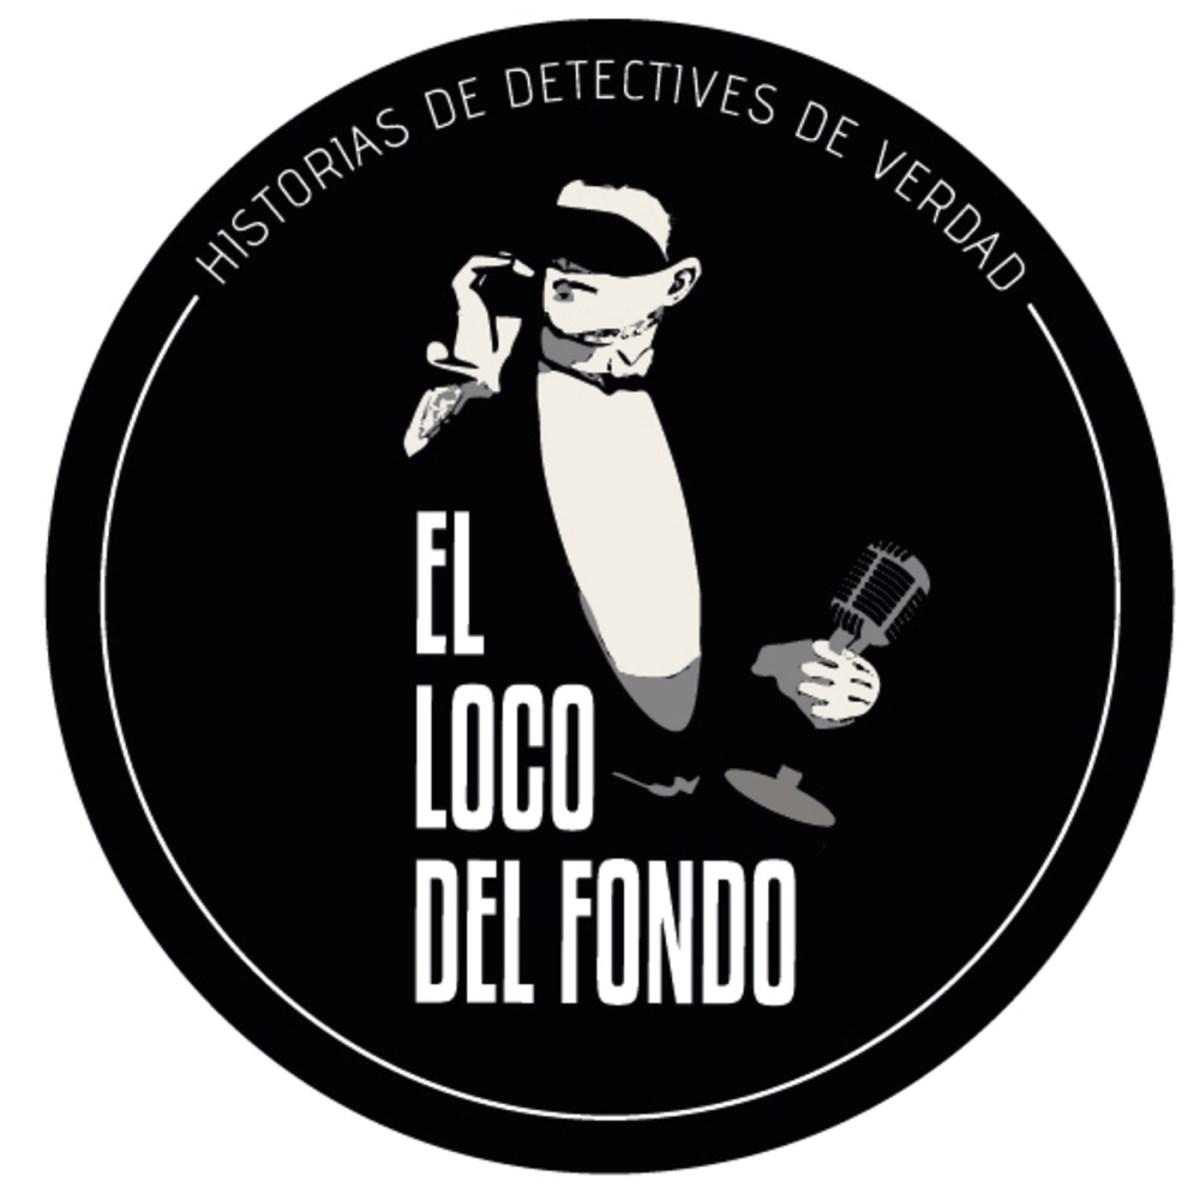 ELDF 01X01. El Loco del Fondo. Historias de detectives de verdad. Episodio 1